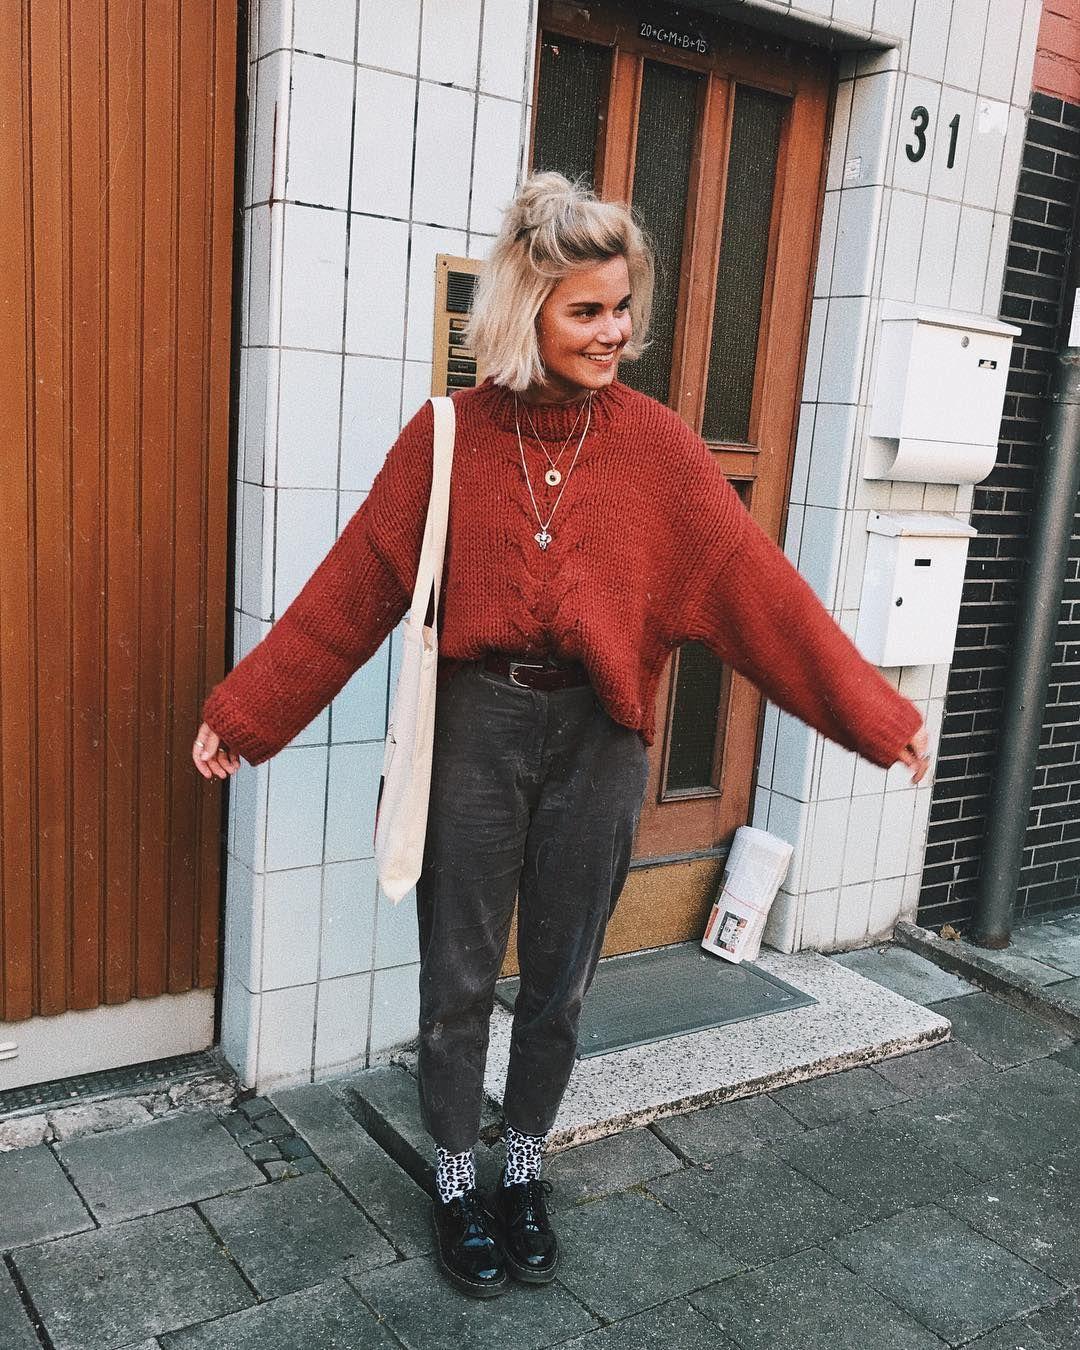 Ein Outfit... es könnte von einem Filmset stammen, es passt einfach wunderbar stylisch zusammen. xo Anna von Feremo.com #vintageoutfits